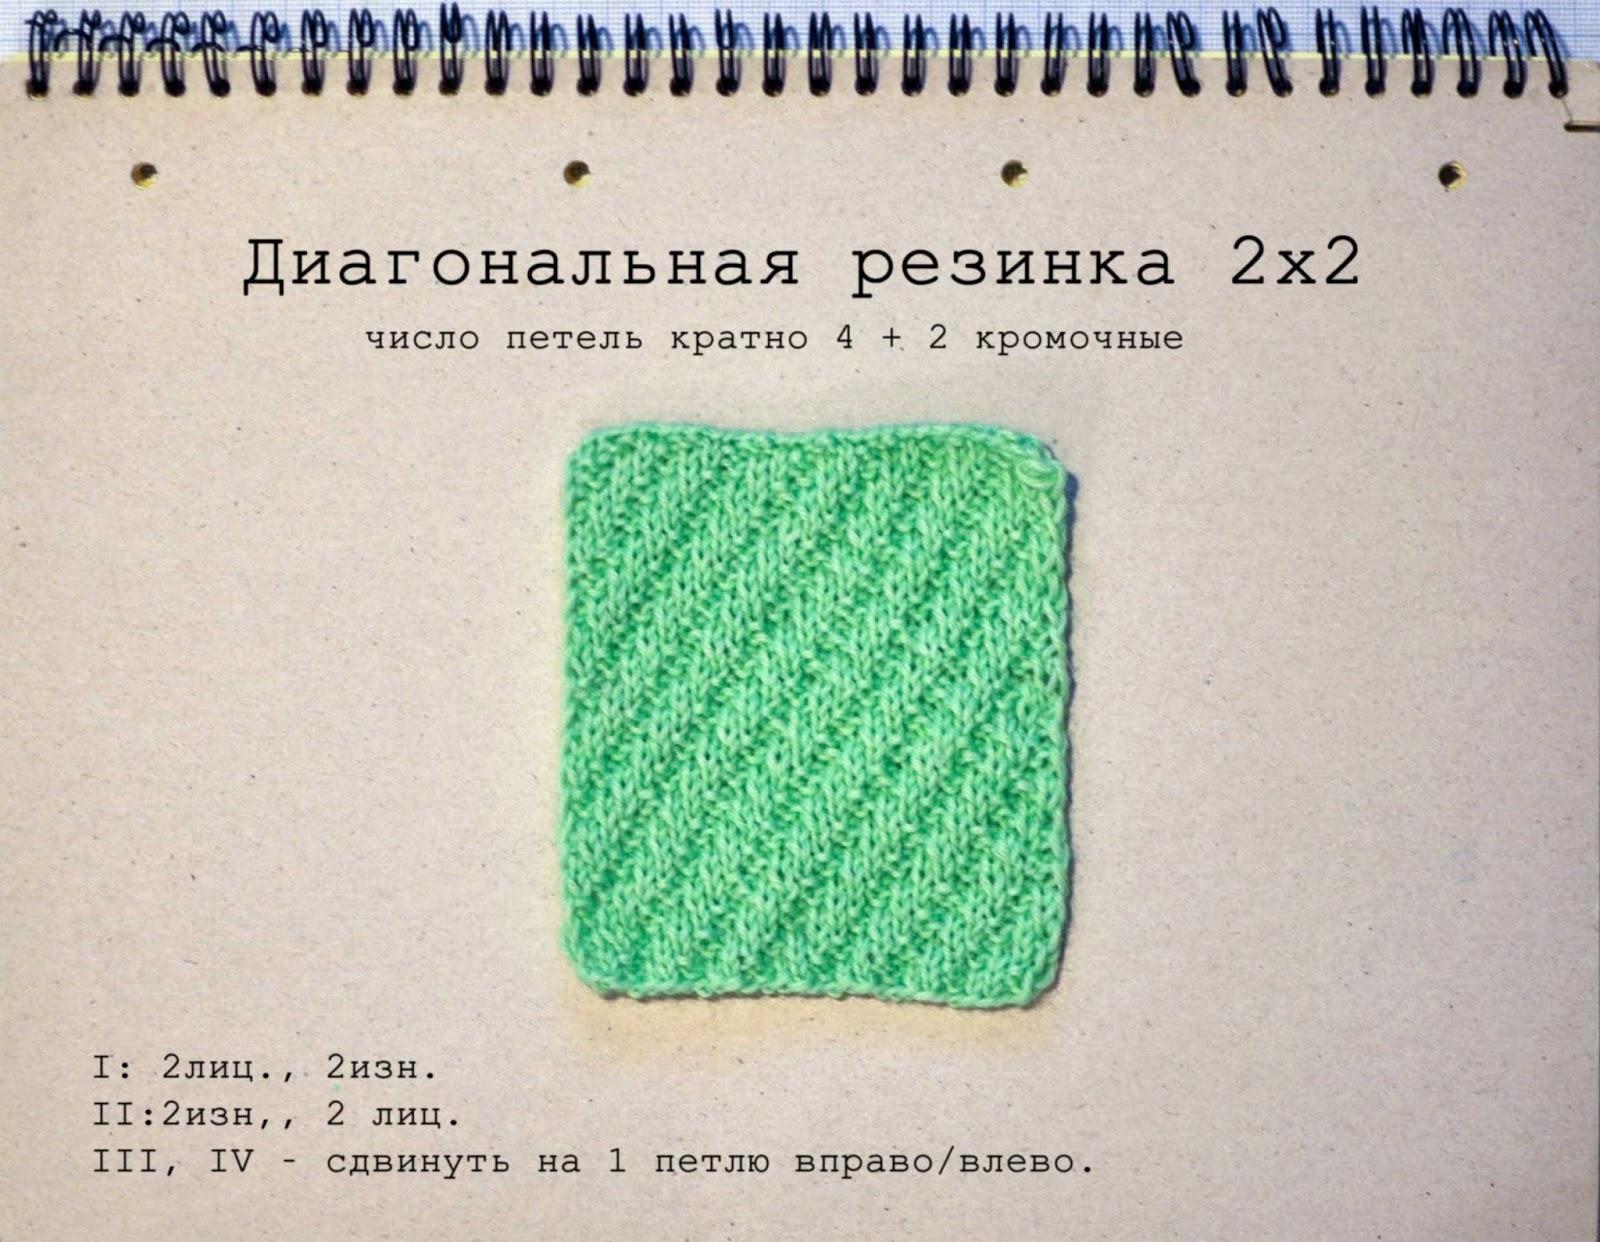 Как связать резинку крючком - Вязание крючком 77